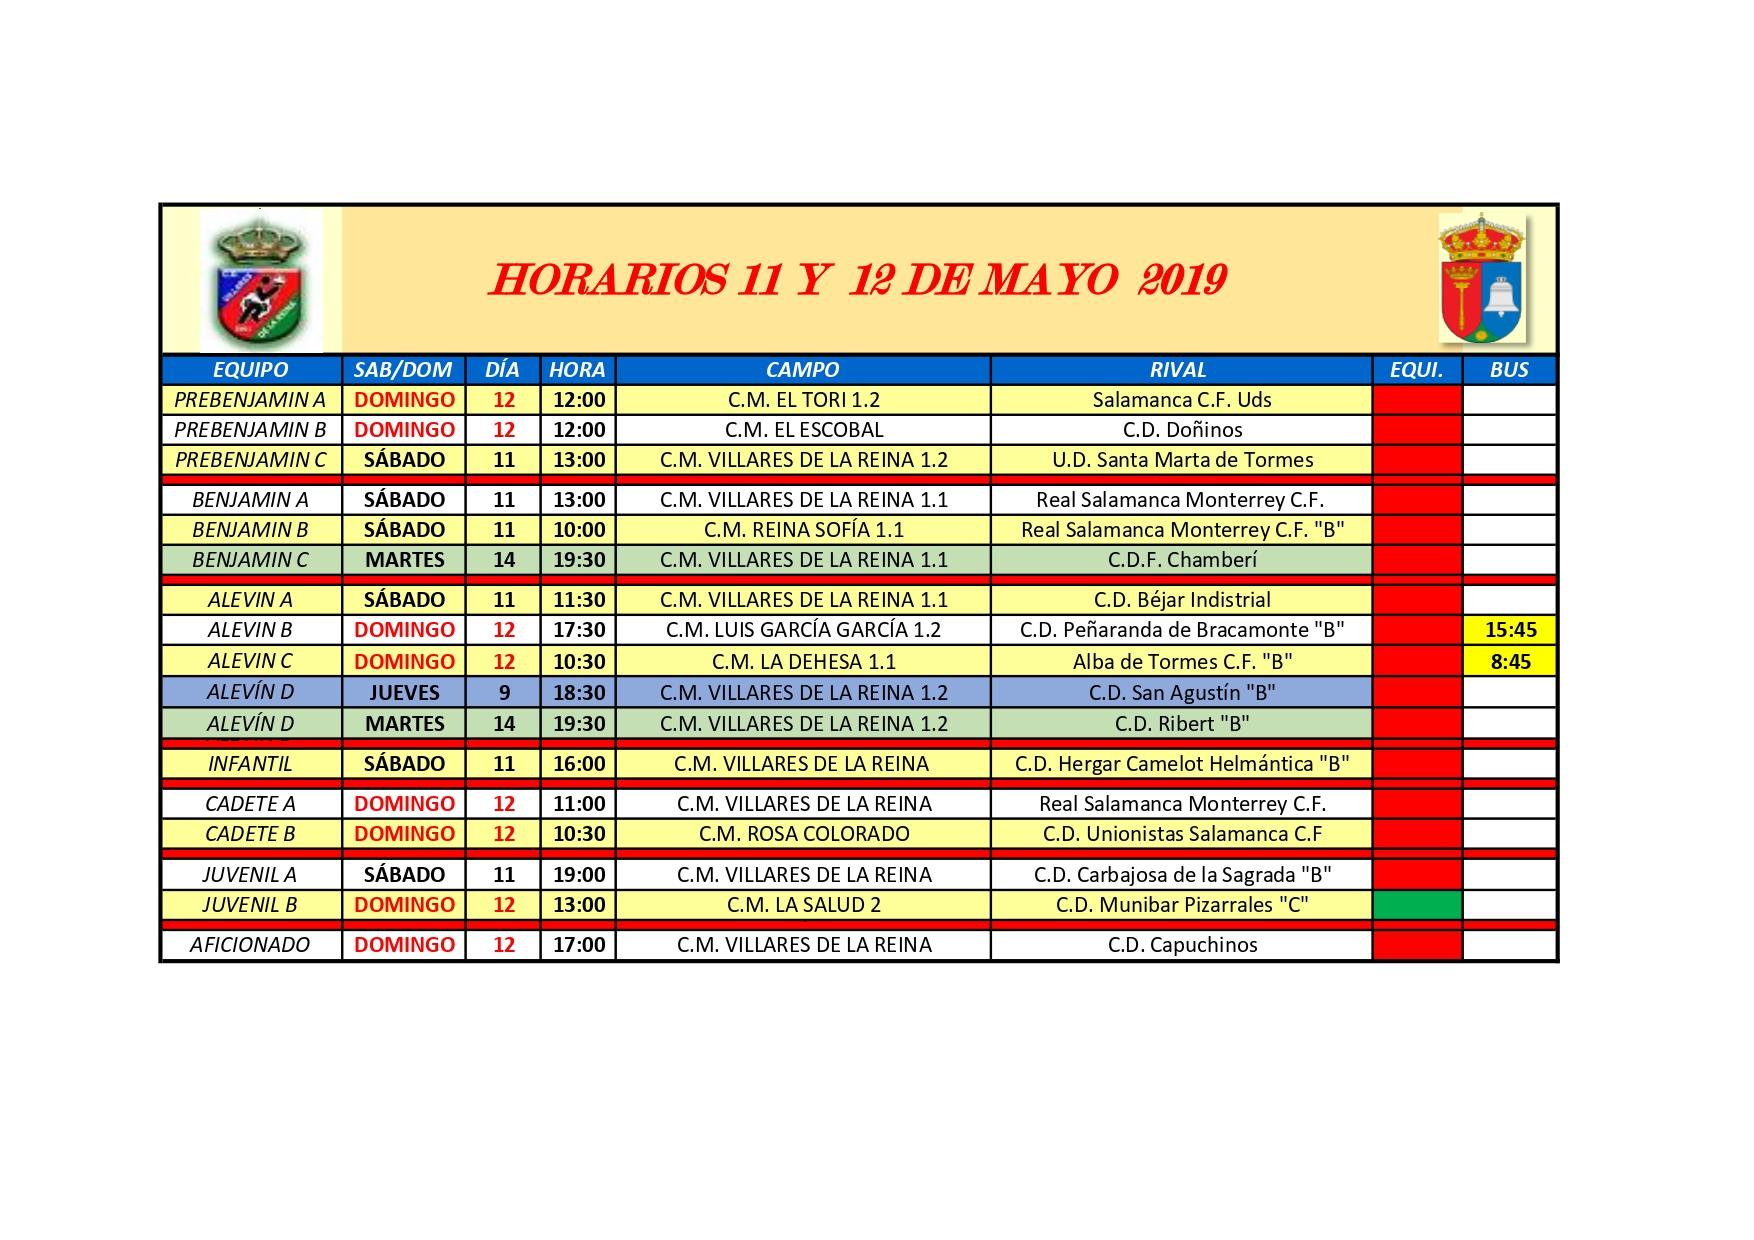 HORARIOS S�BADO 11 Y DOMINGO 12 DE MAYO